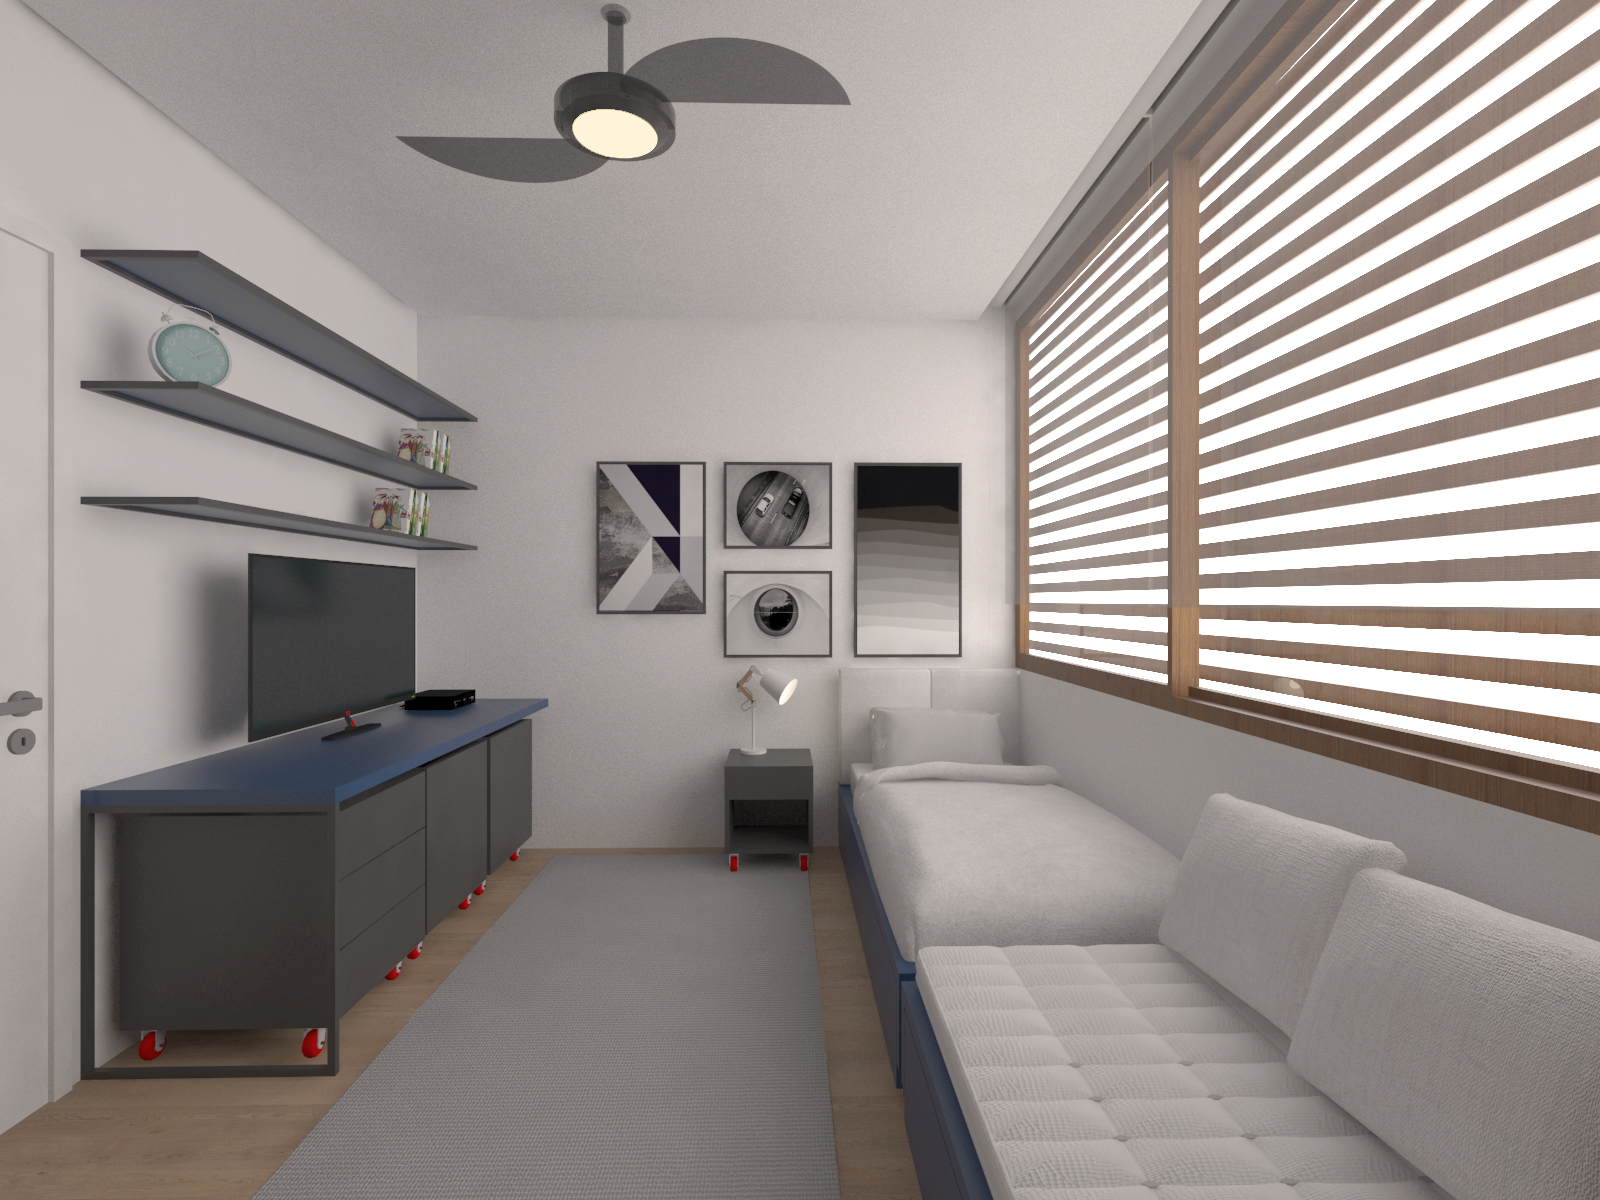 casa chassot | dormitório do menino